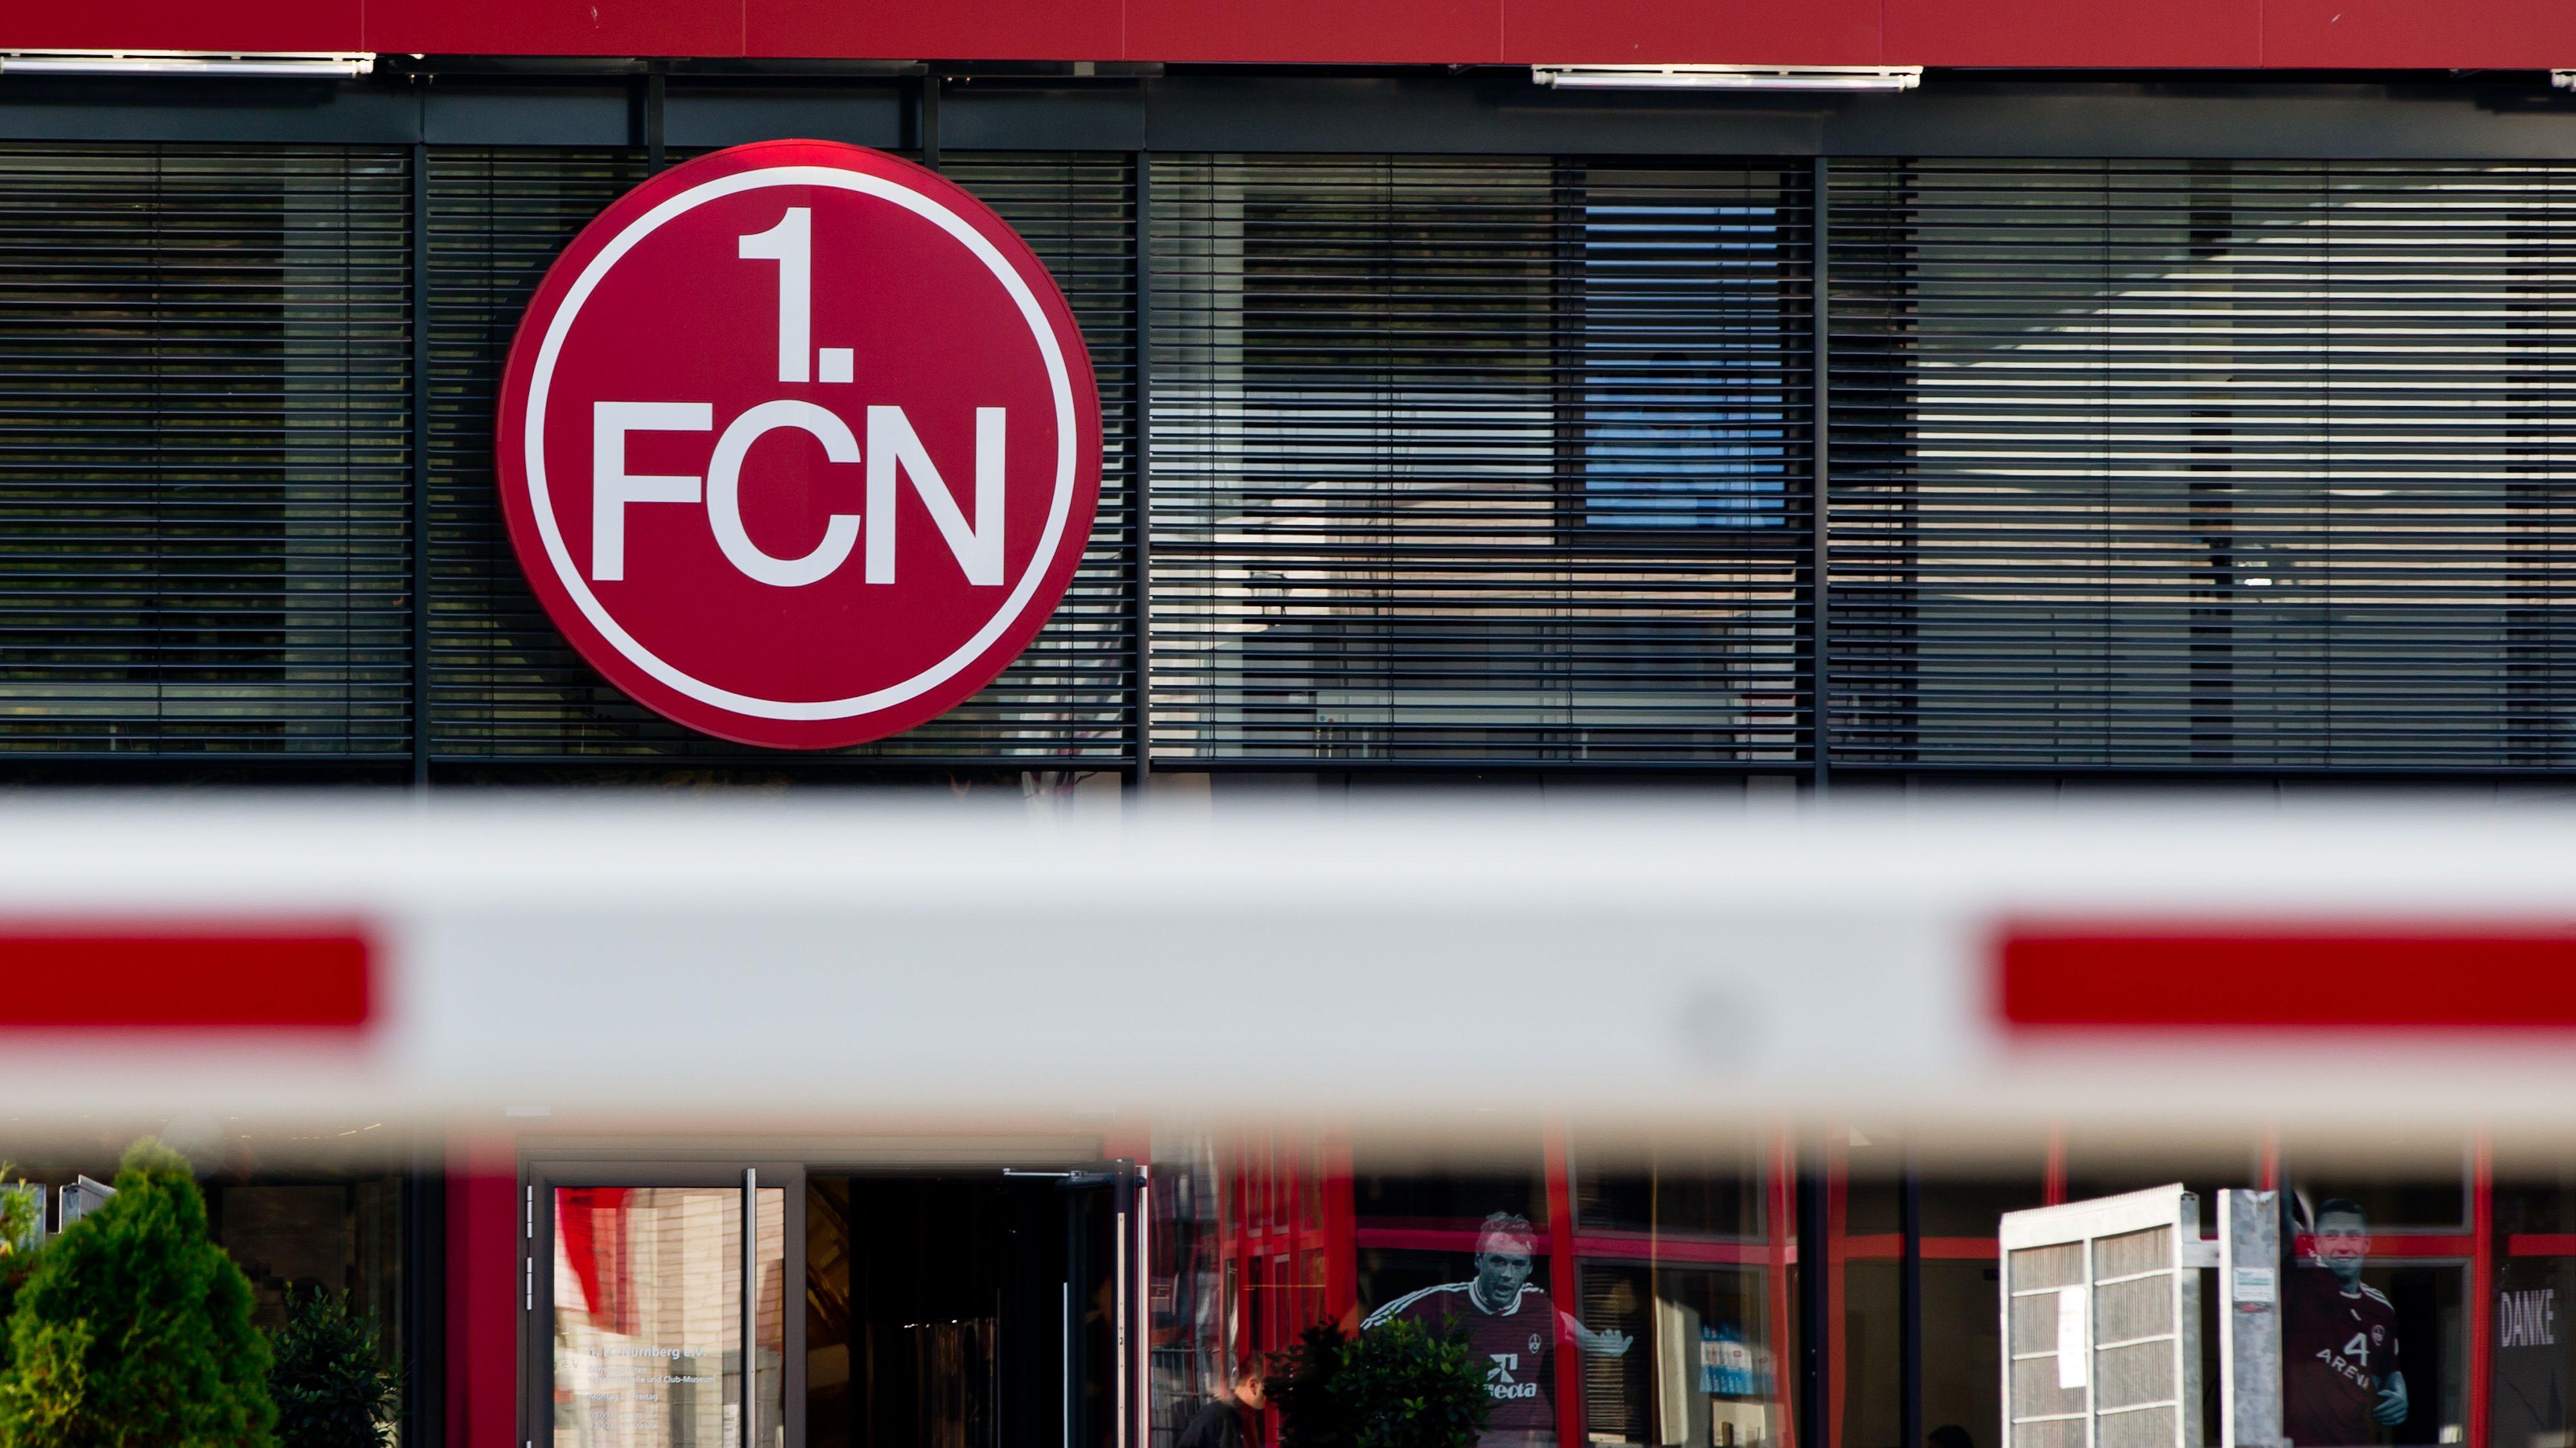 Vereinsgelände des 1. FC Nürnberg